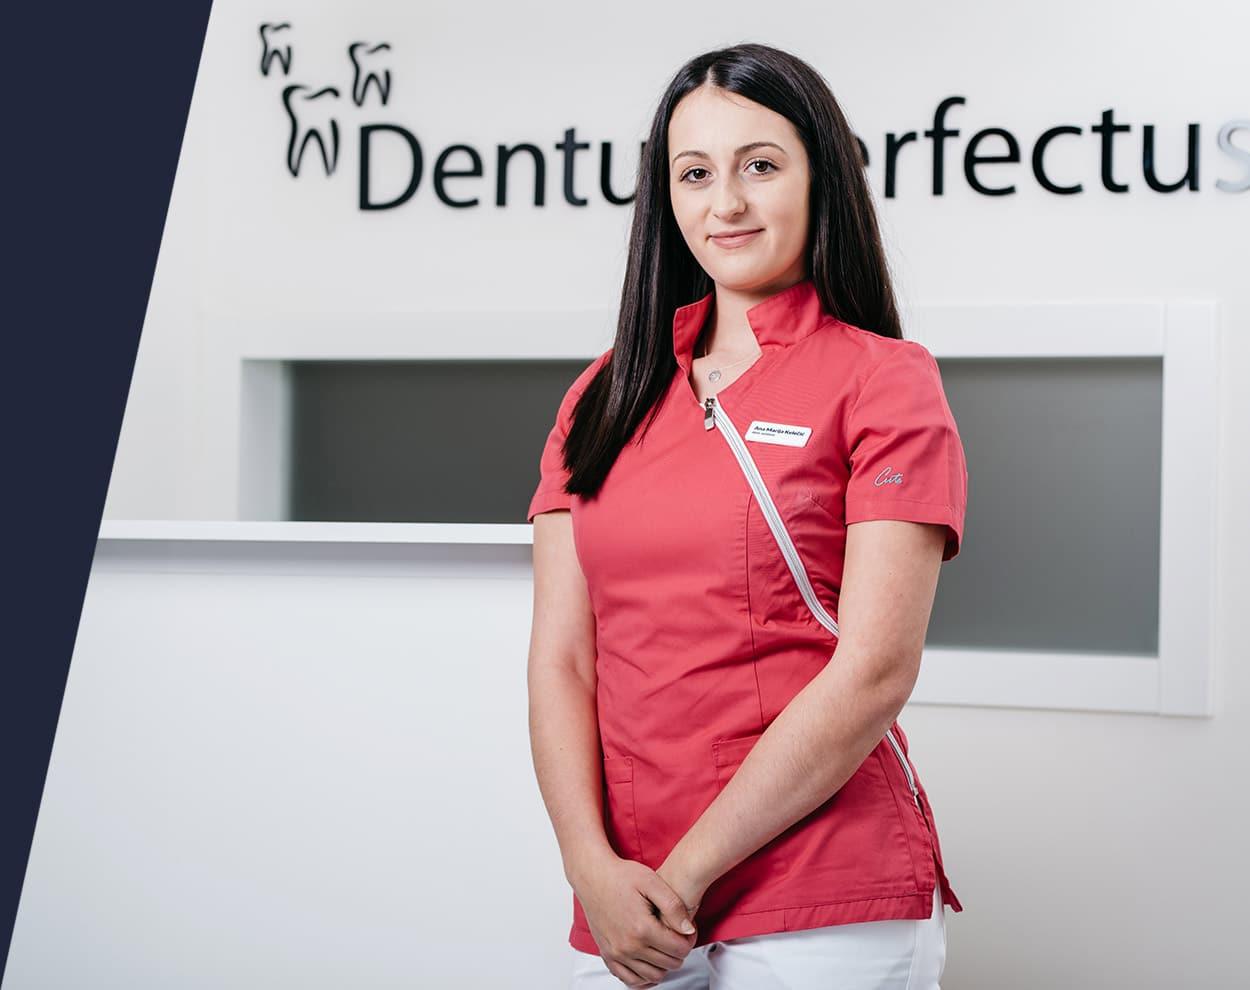 Dentus perfectus - Ana Marija Kelečić - stomatološka ordinacija